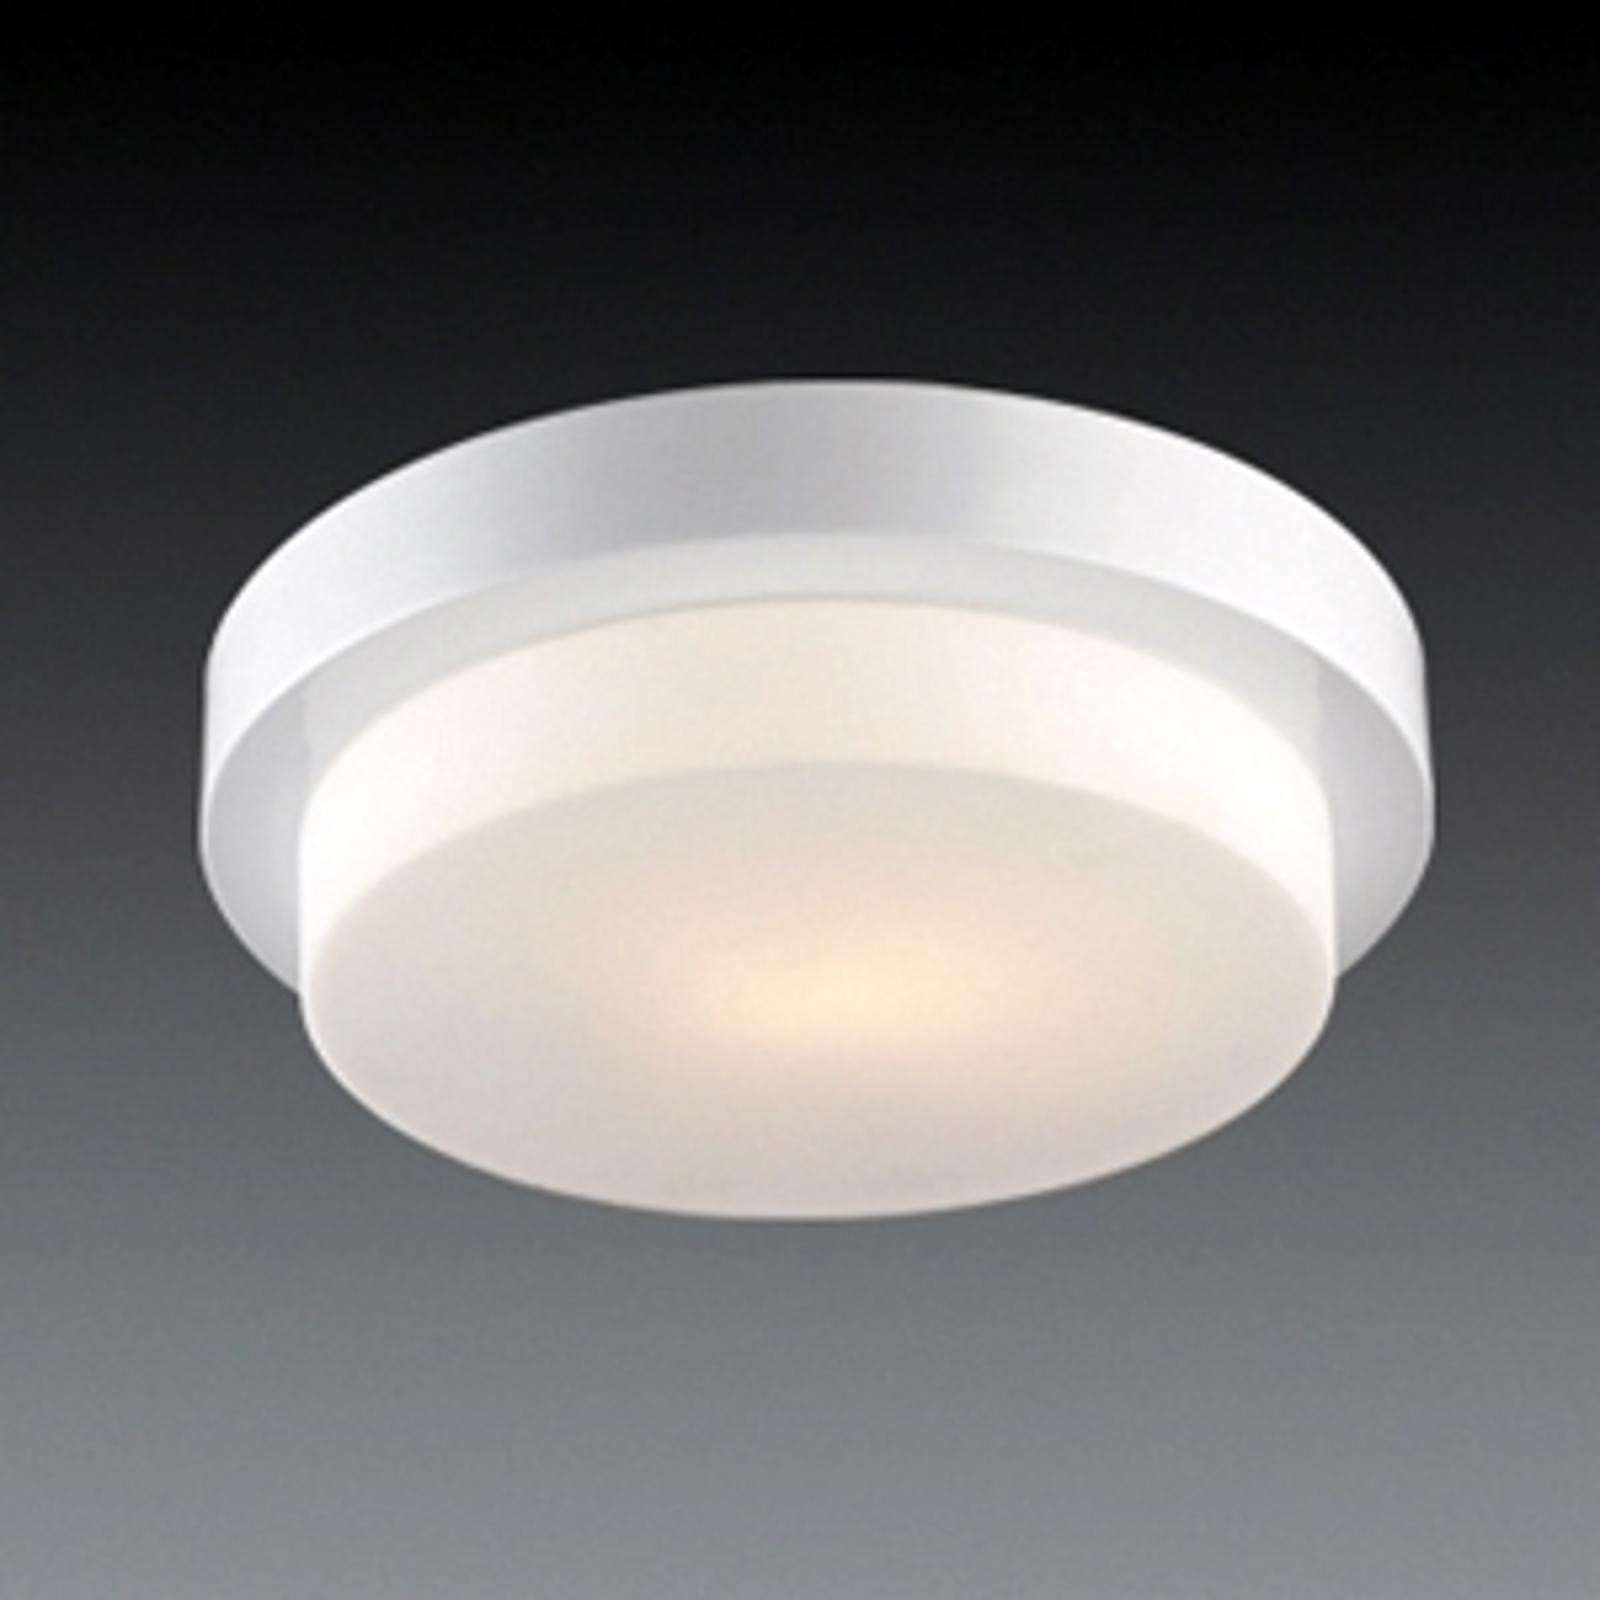 Eenvoudige plafondlamp Laiko, nikkel, gesatineerd